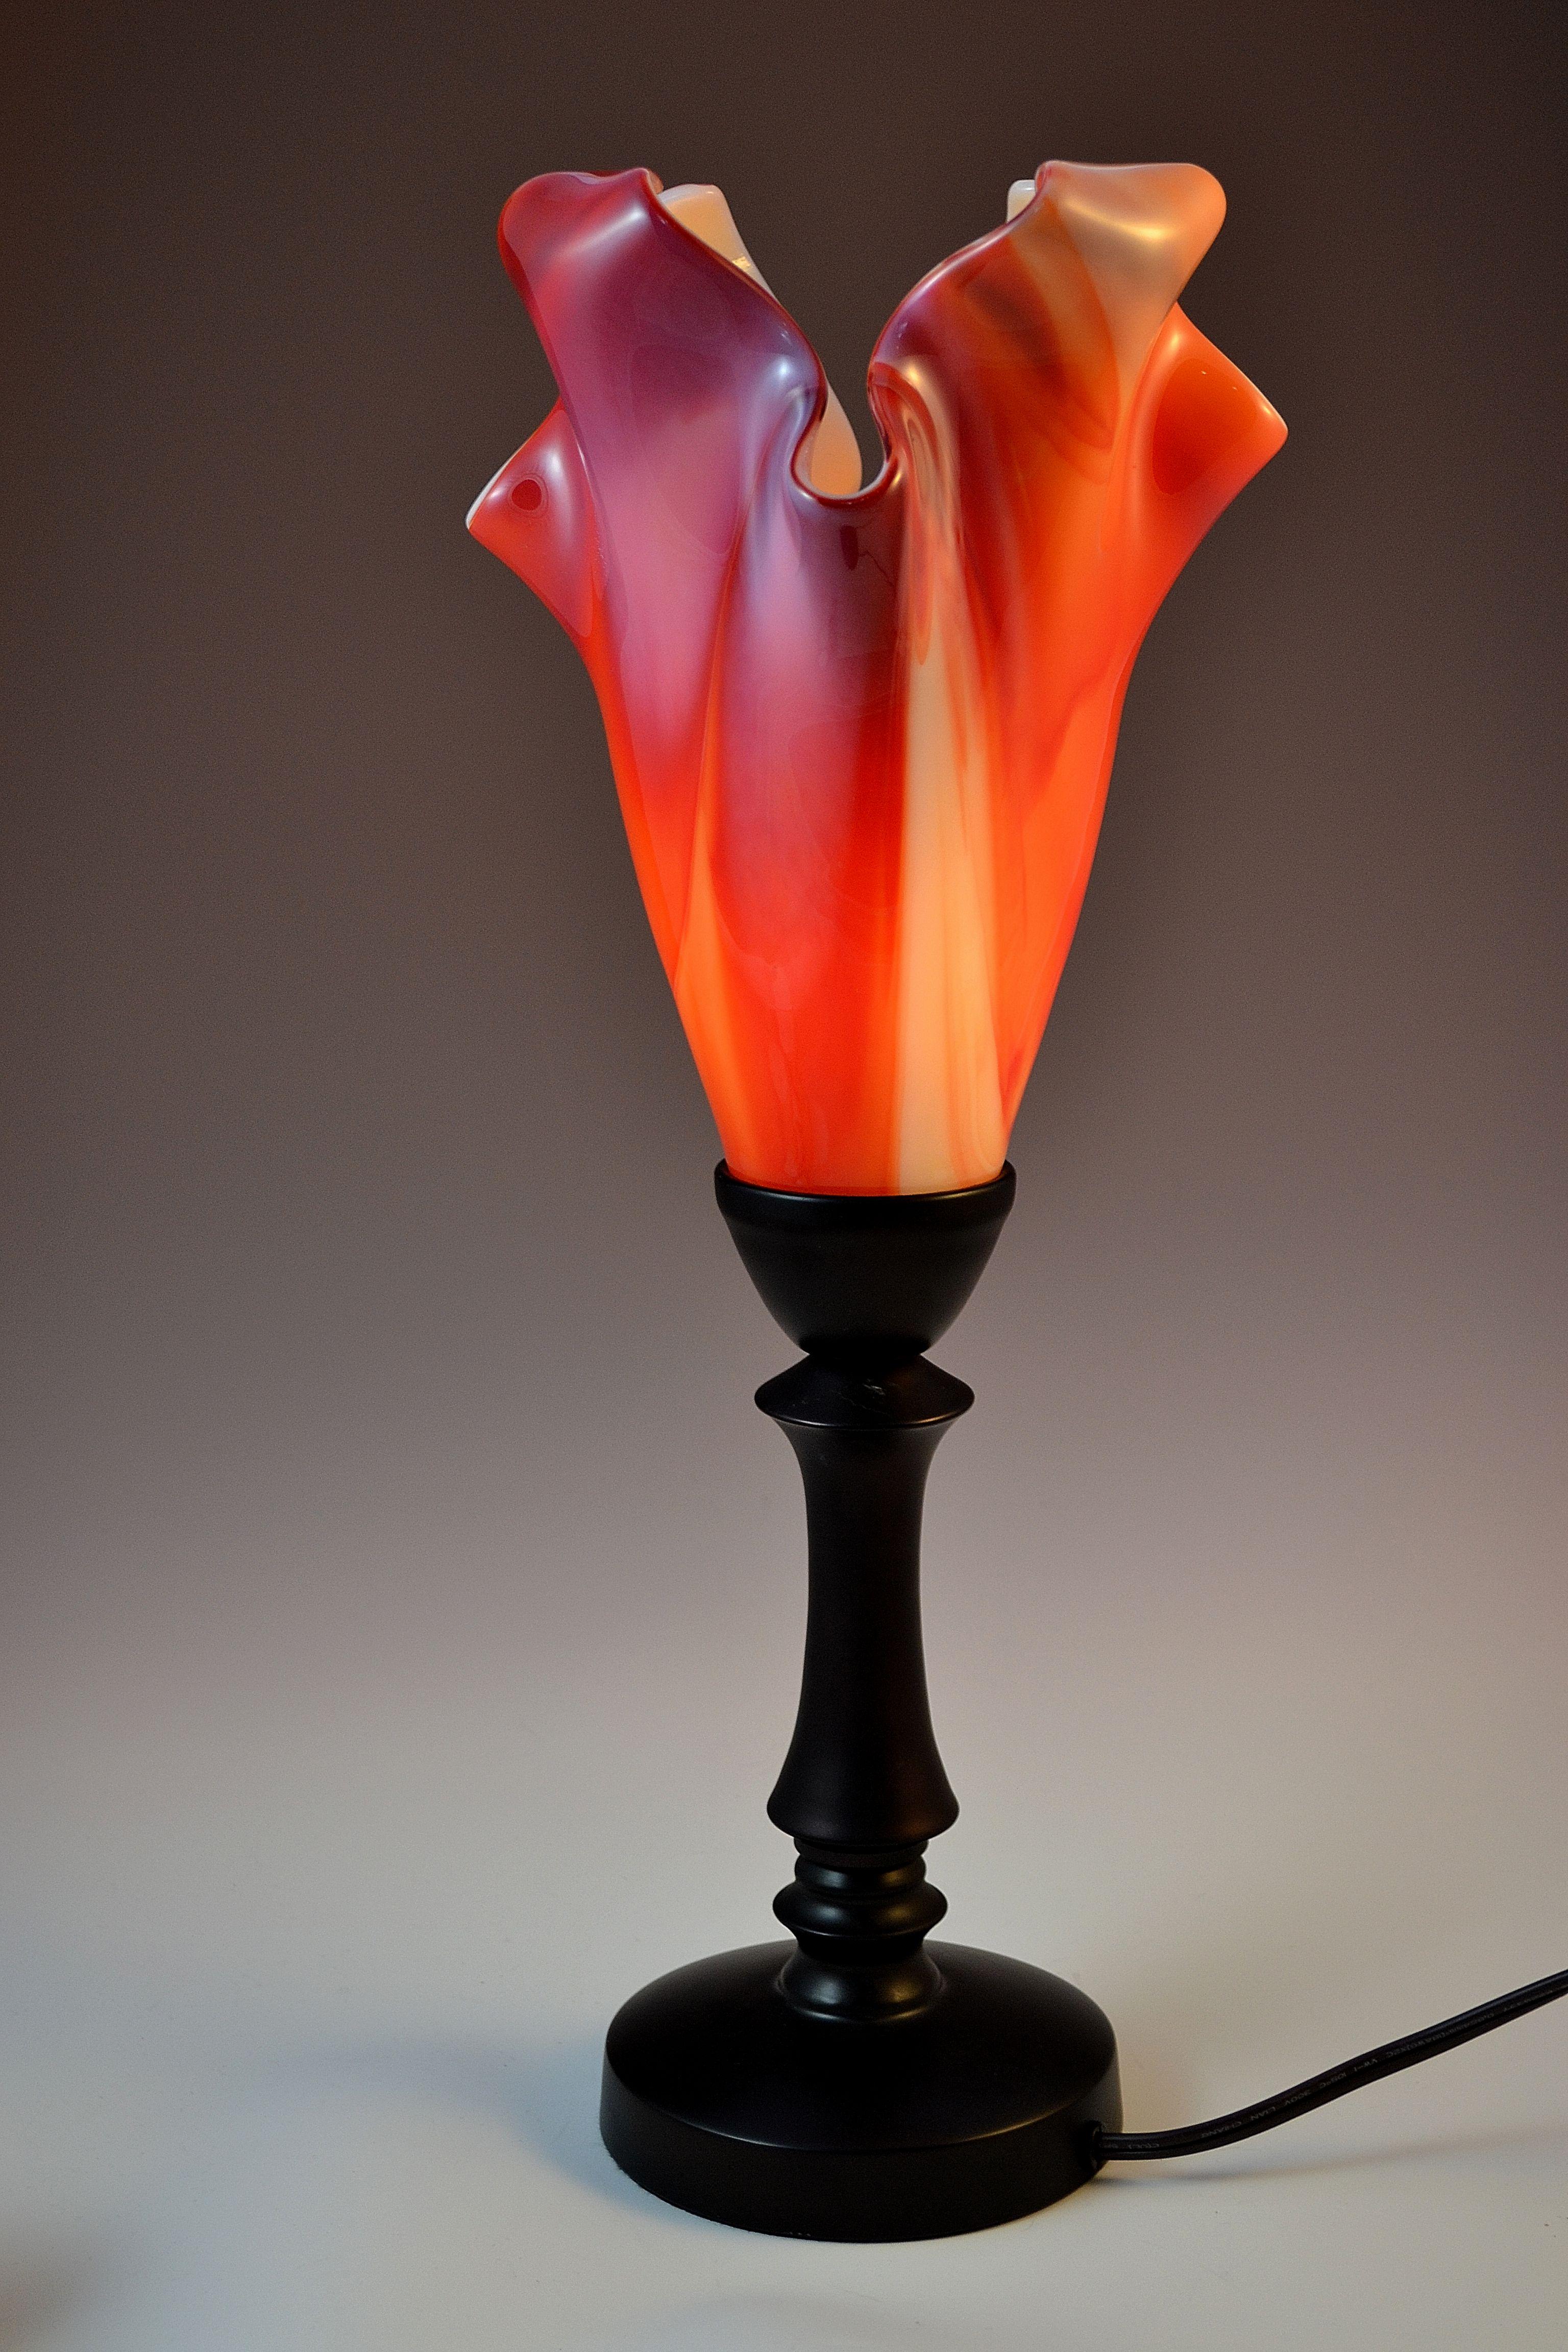 Lucas Krenzin Fused Glass Art 187 Abstract Orange Table Lamp